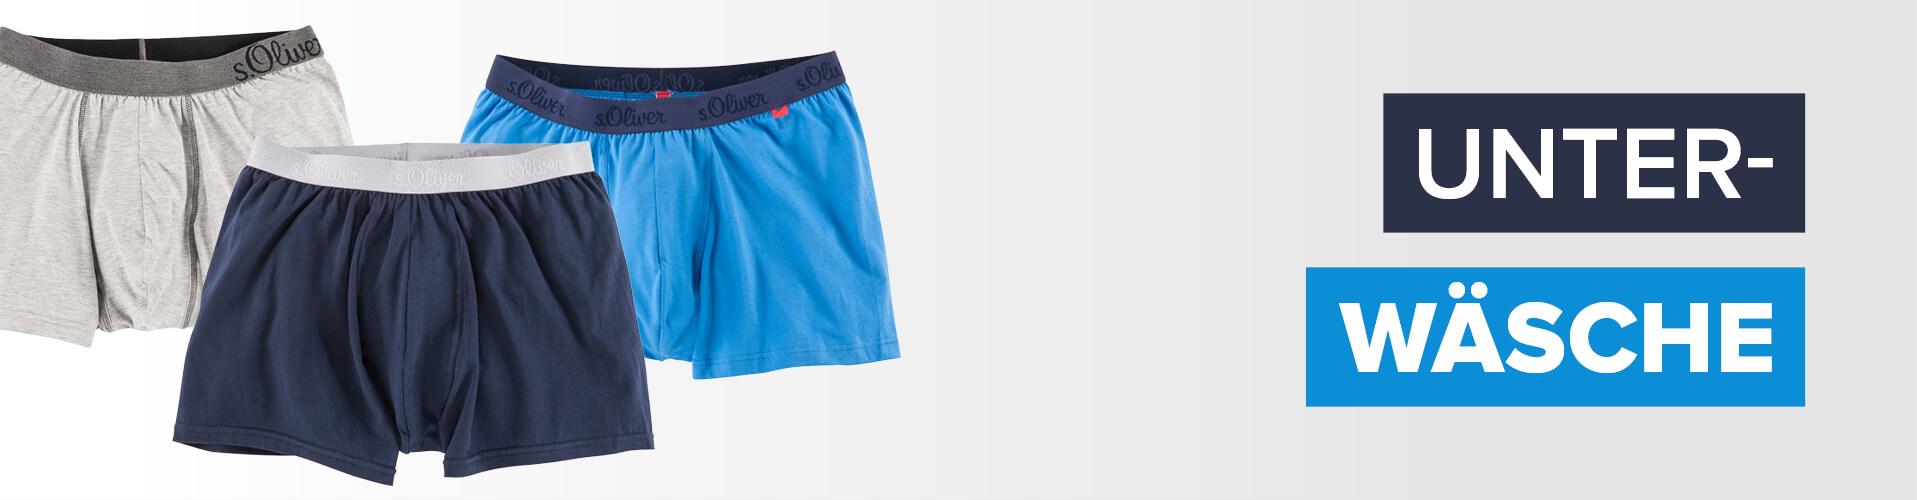 Schmuckbild für die Kategorie Unterwäsche